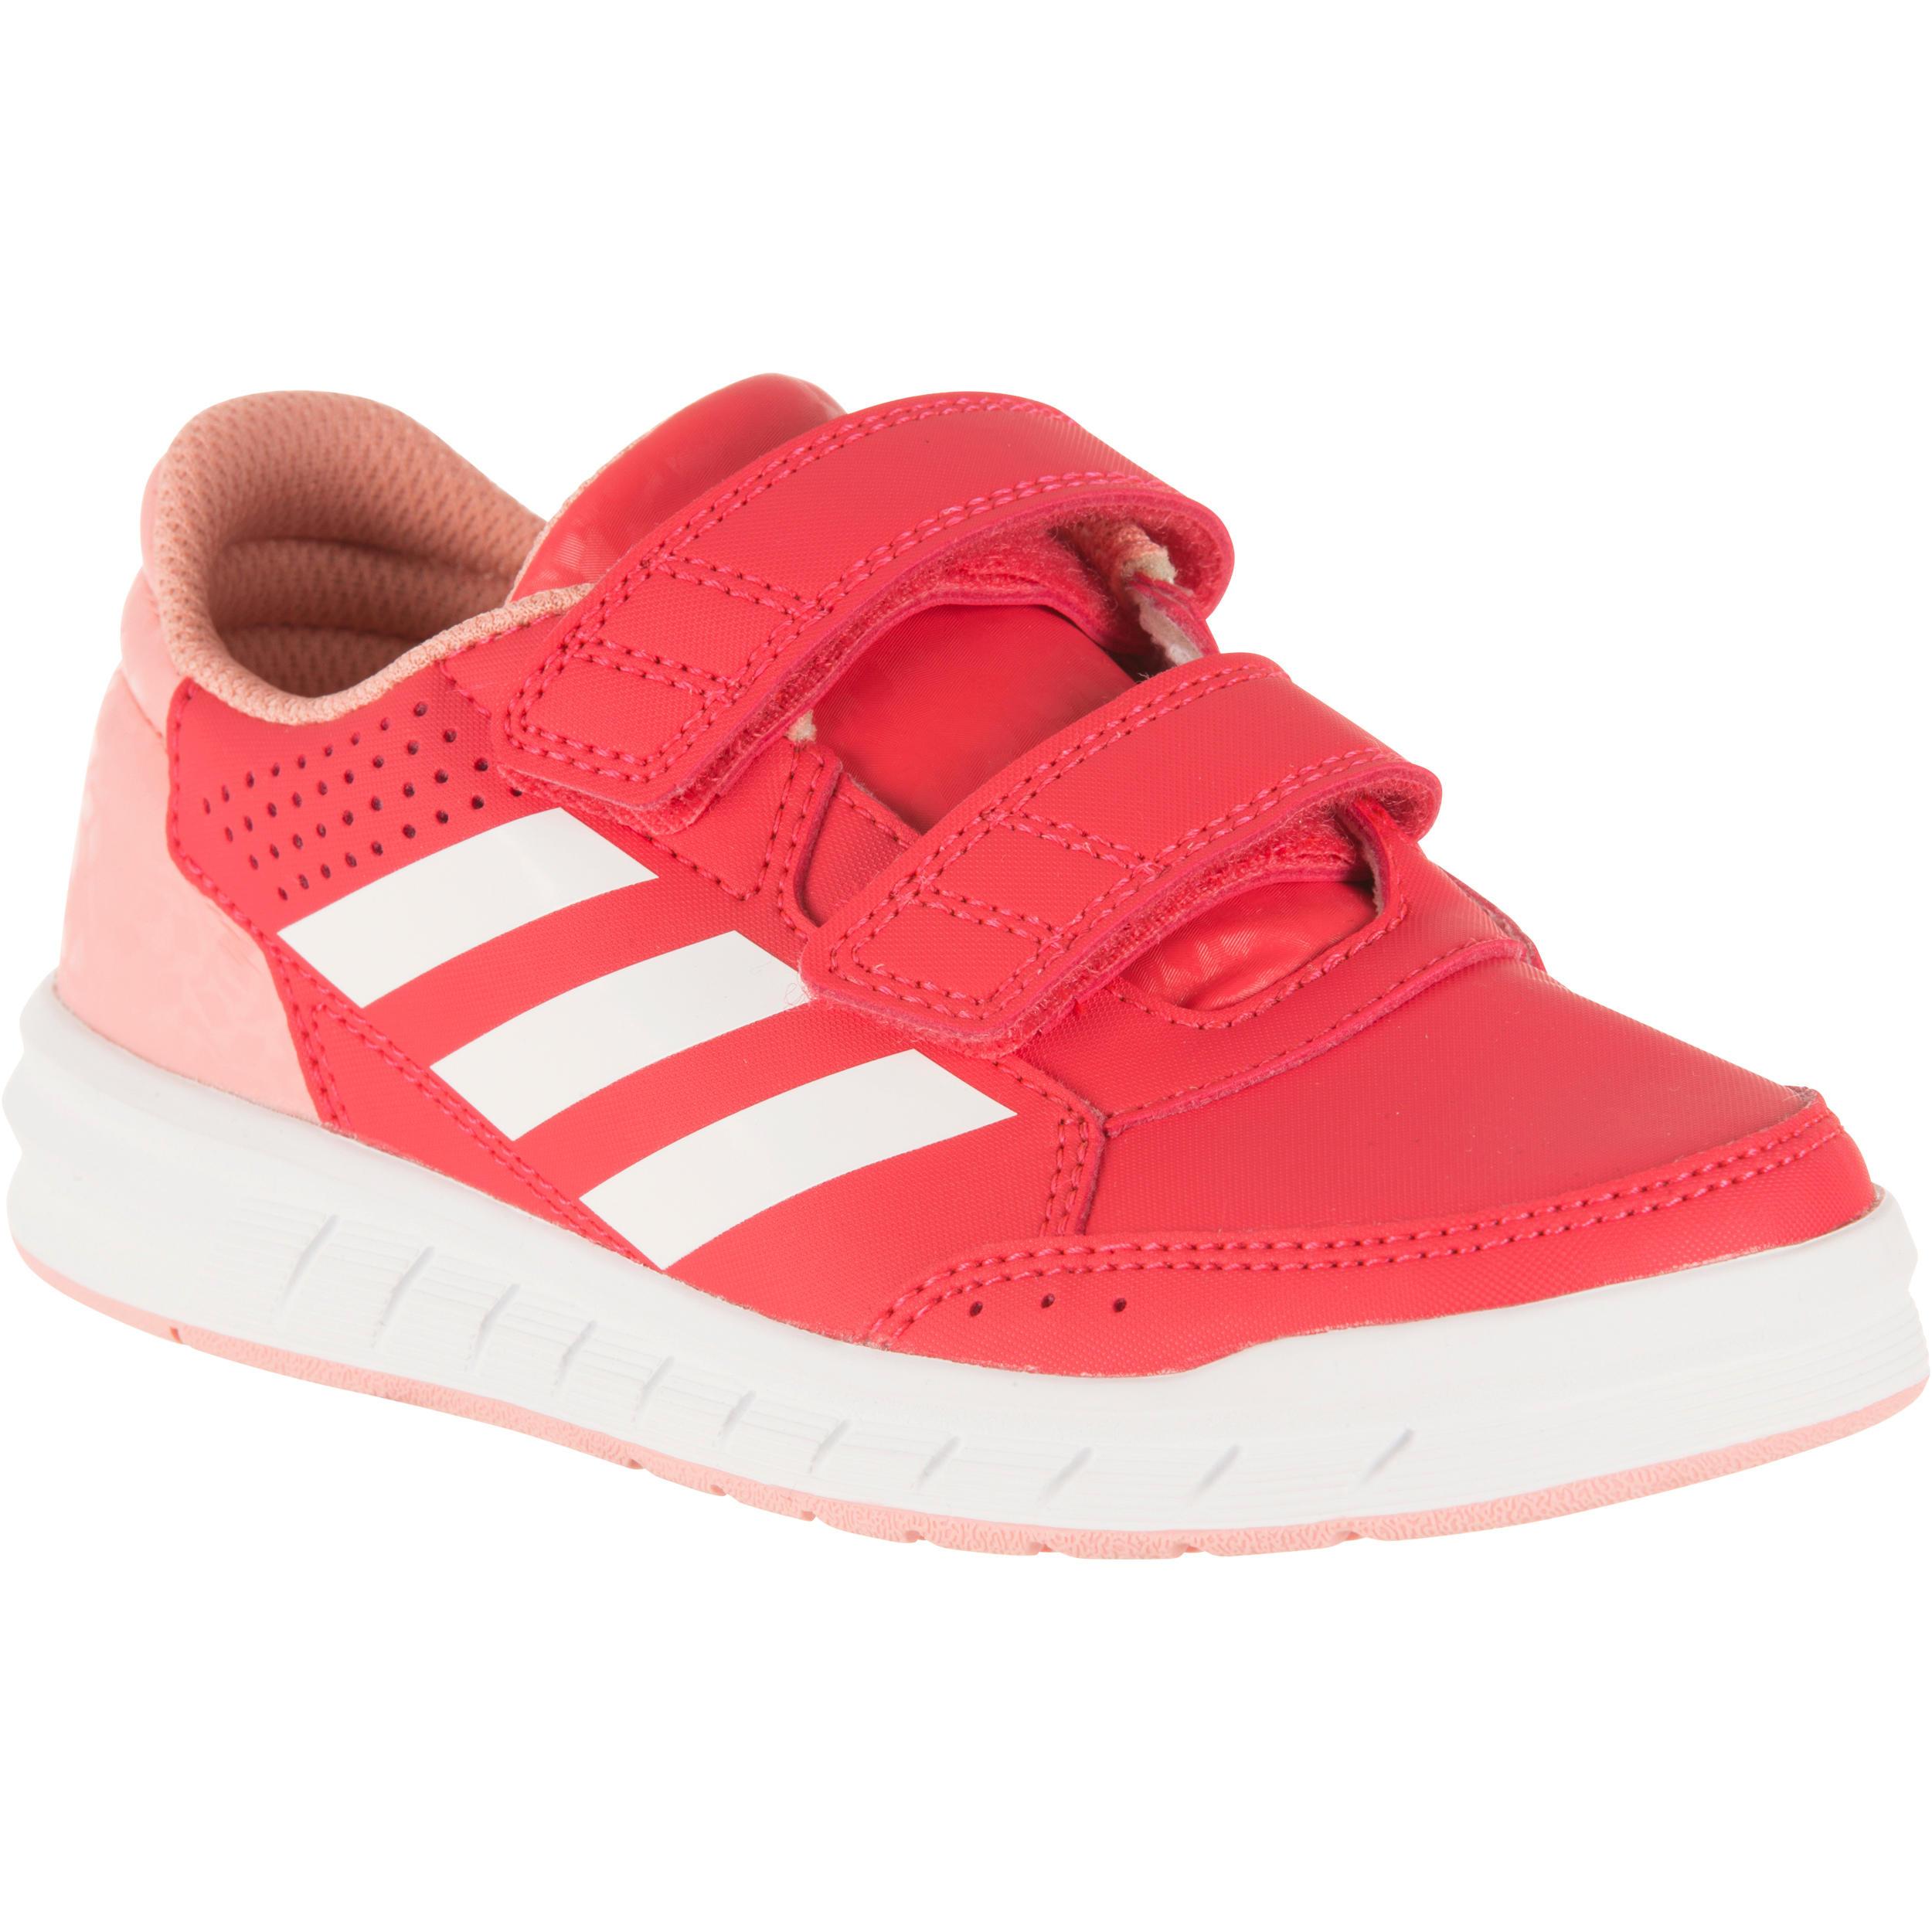 Tennisschoenen kinderen Altasport roze